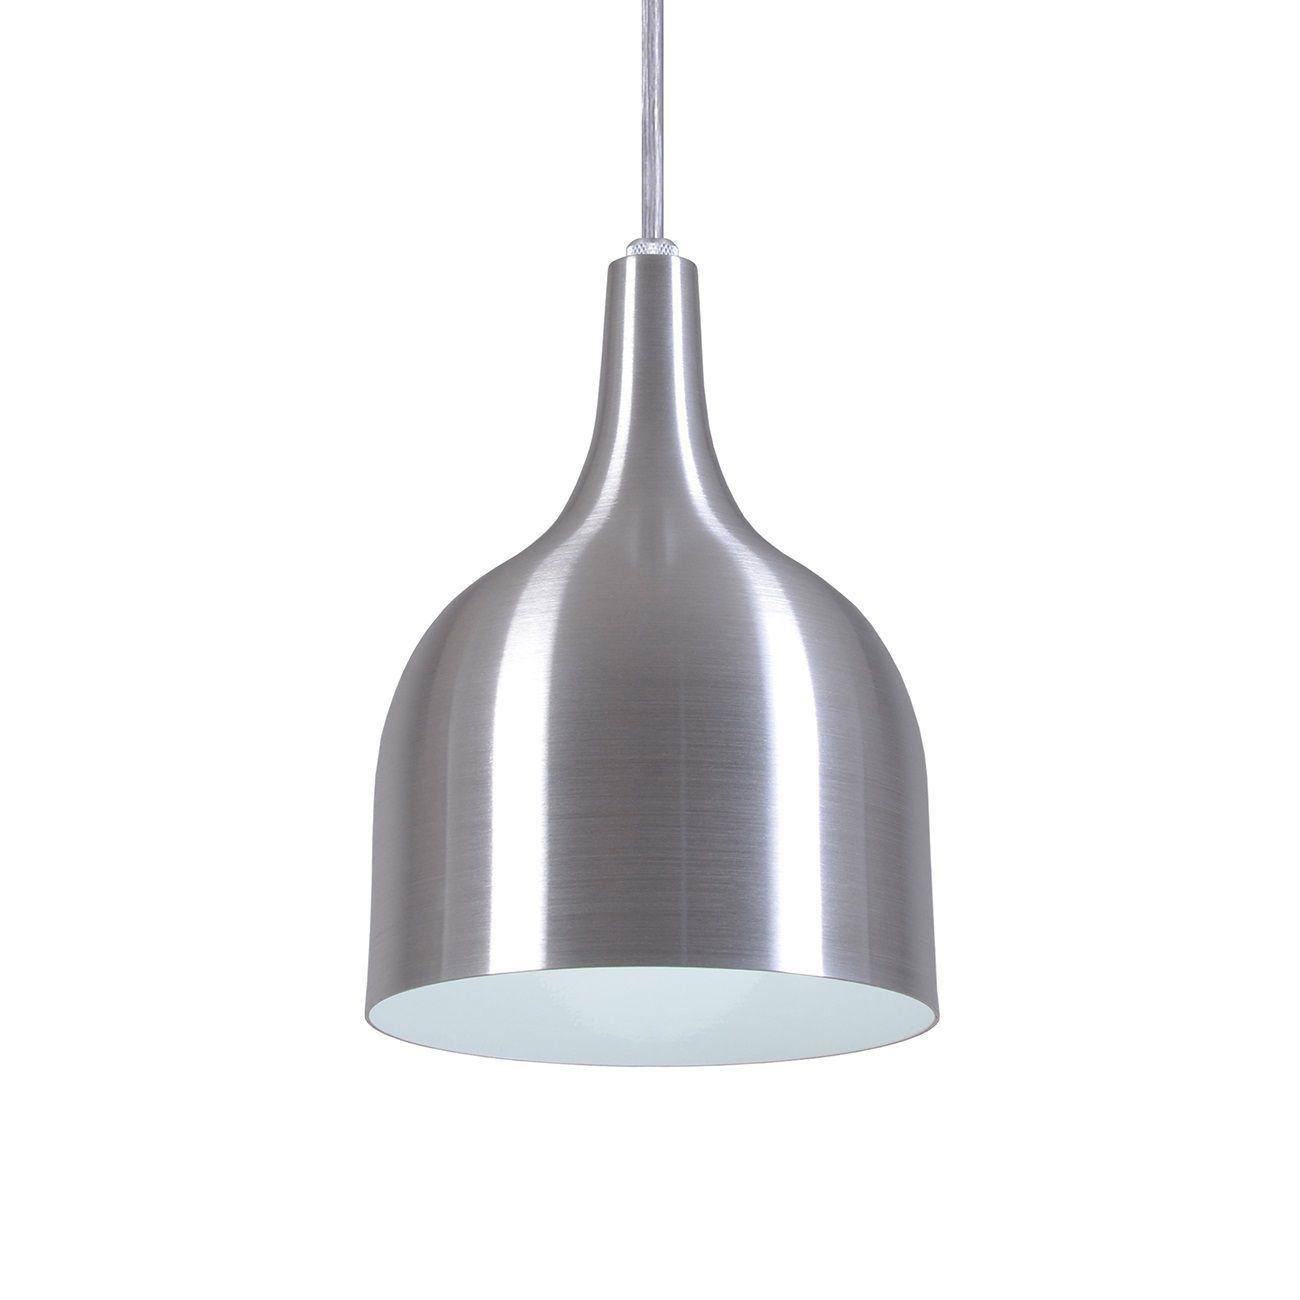 Pendente Gota Teat Luminária Lustre Alumínio Escovado - Rei Da Iluminação